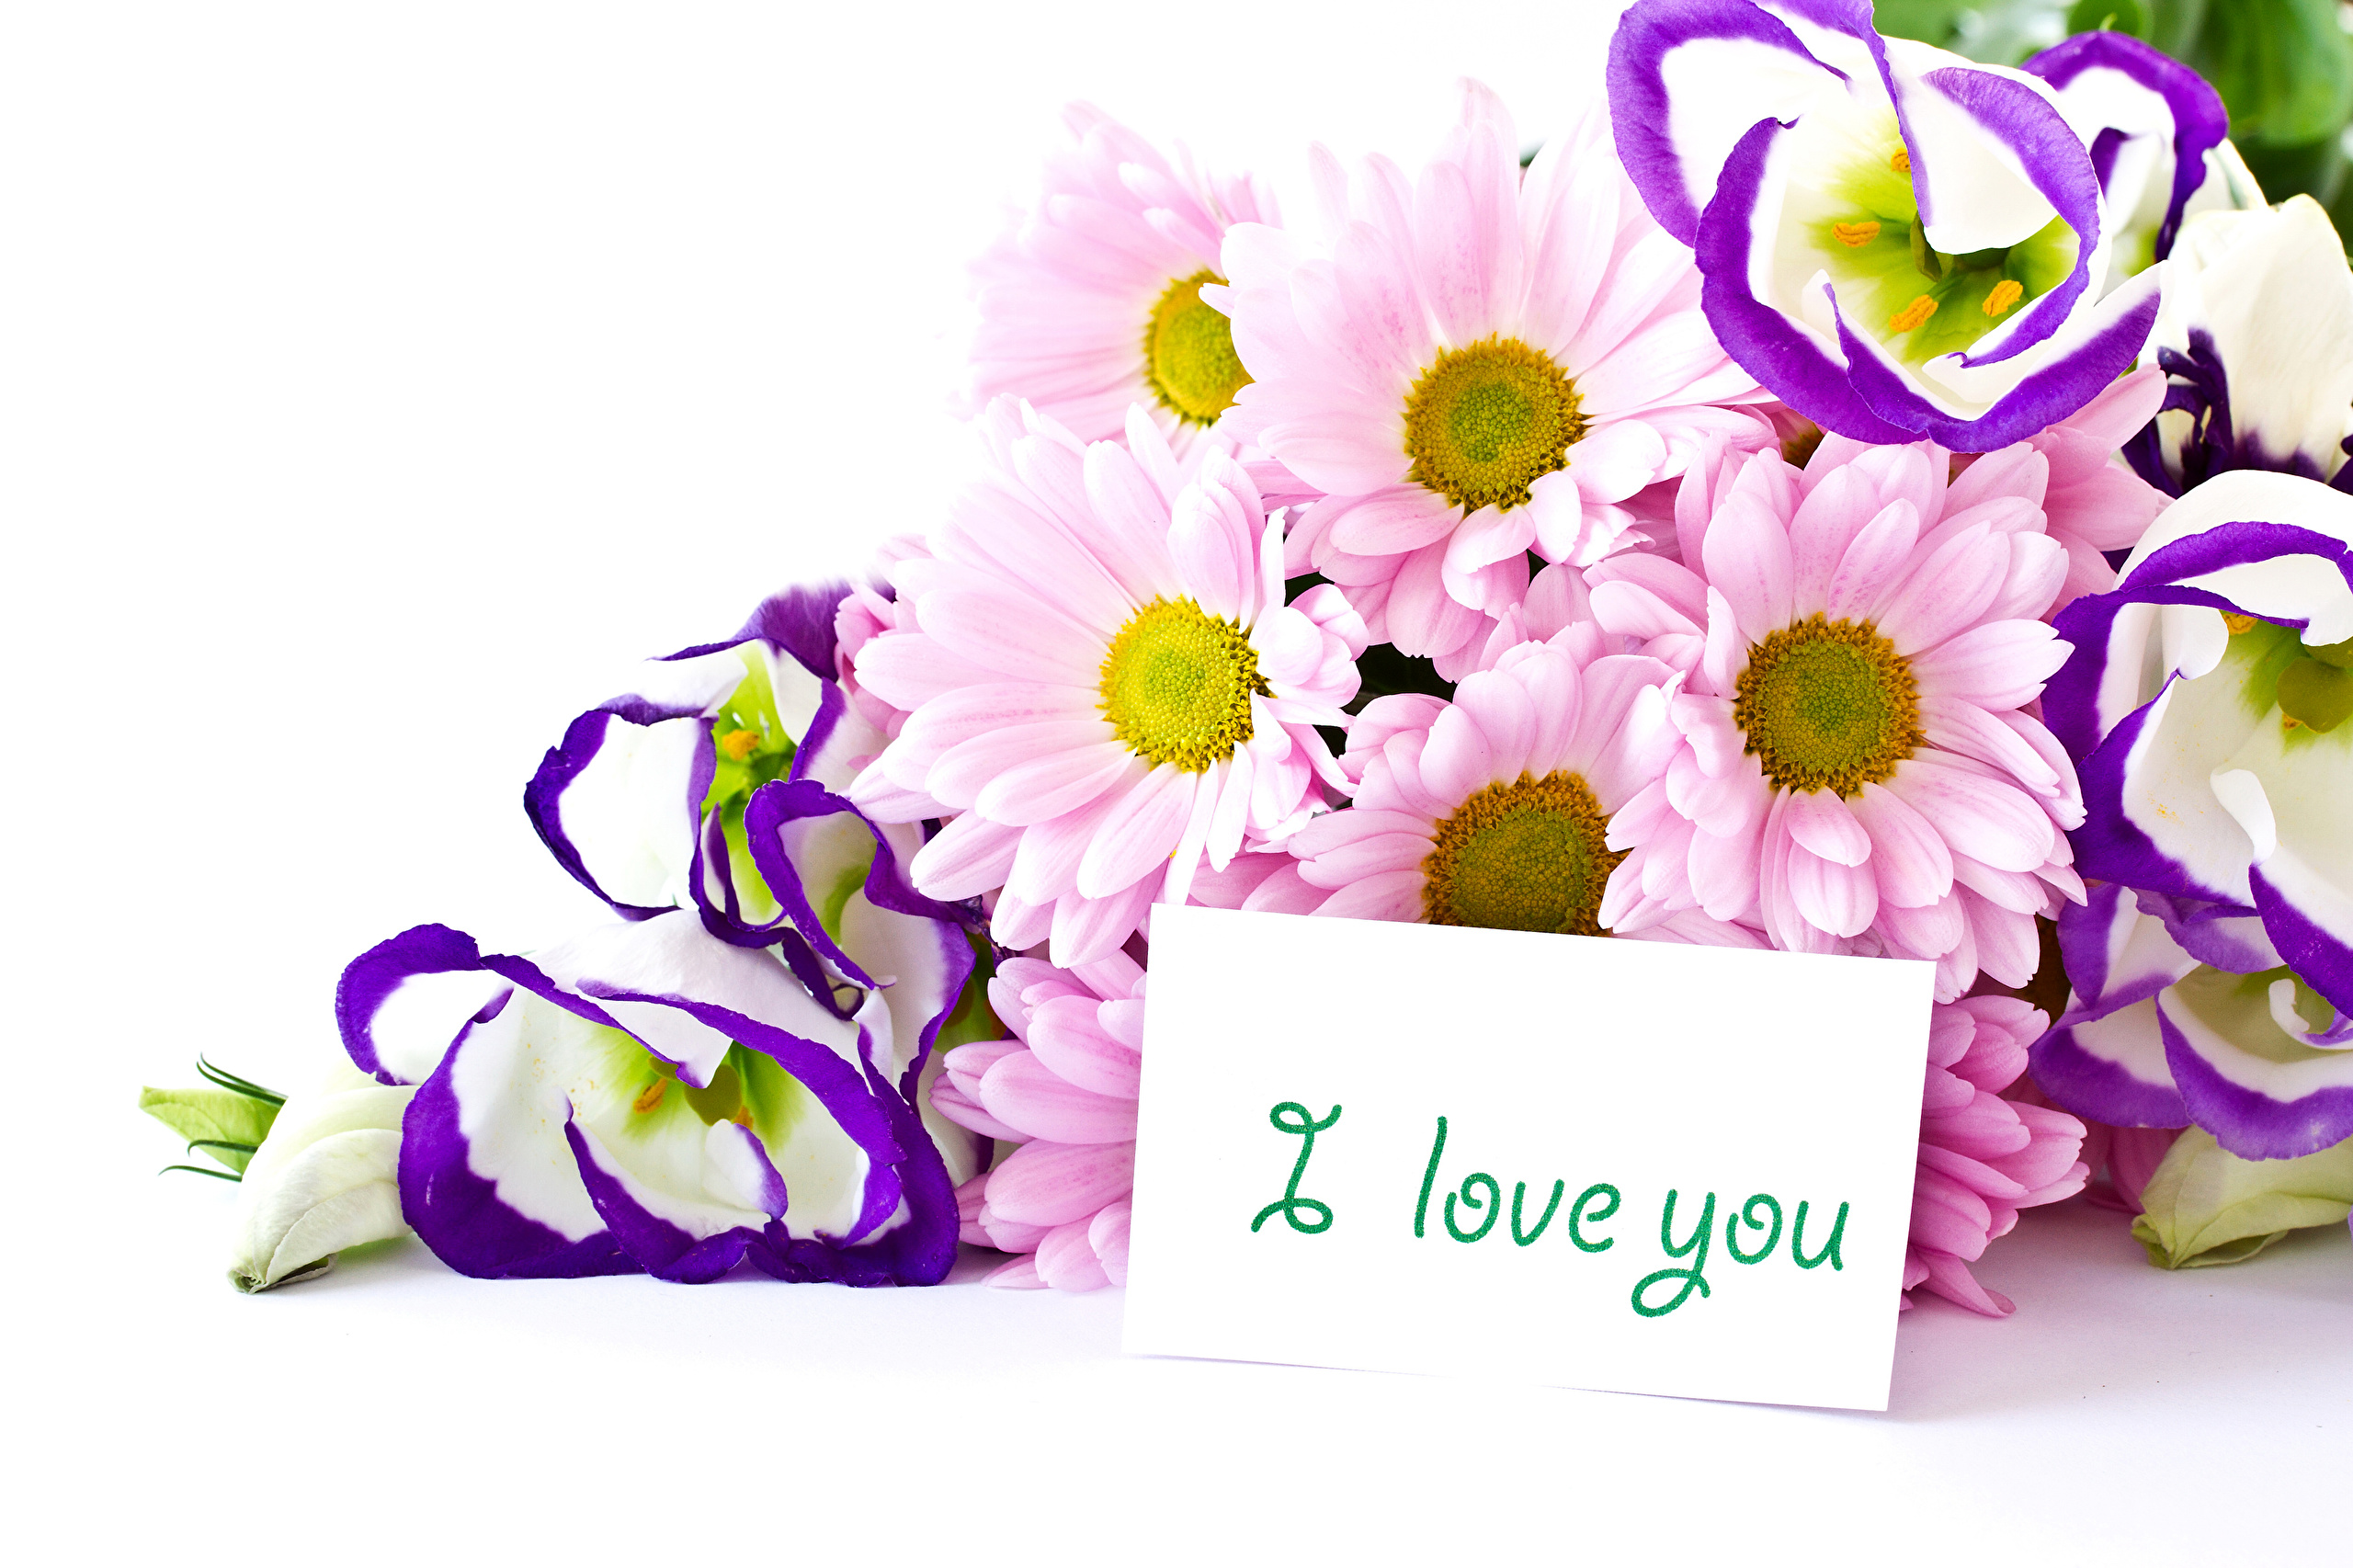 Слова для открытки с цветами 5